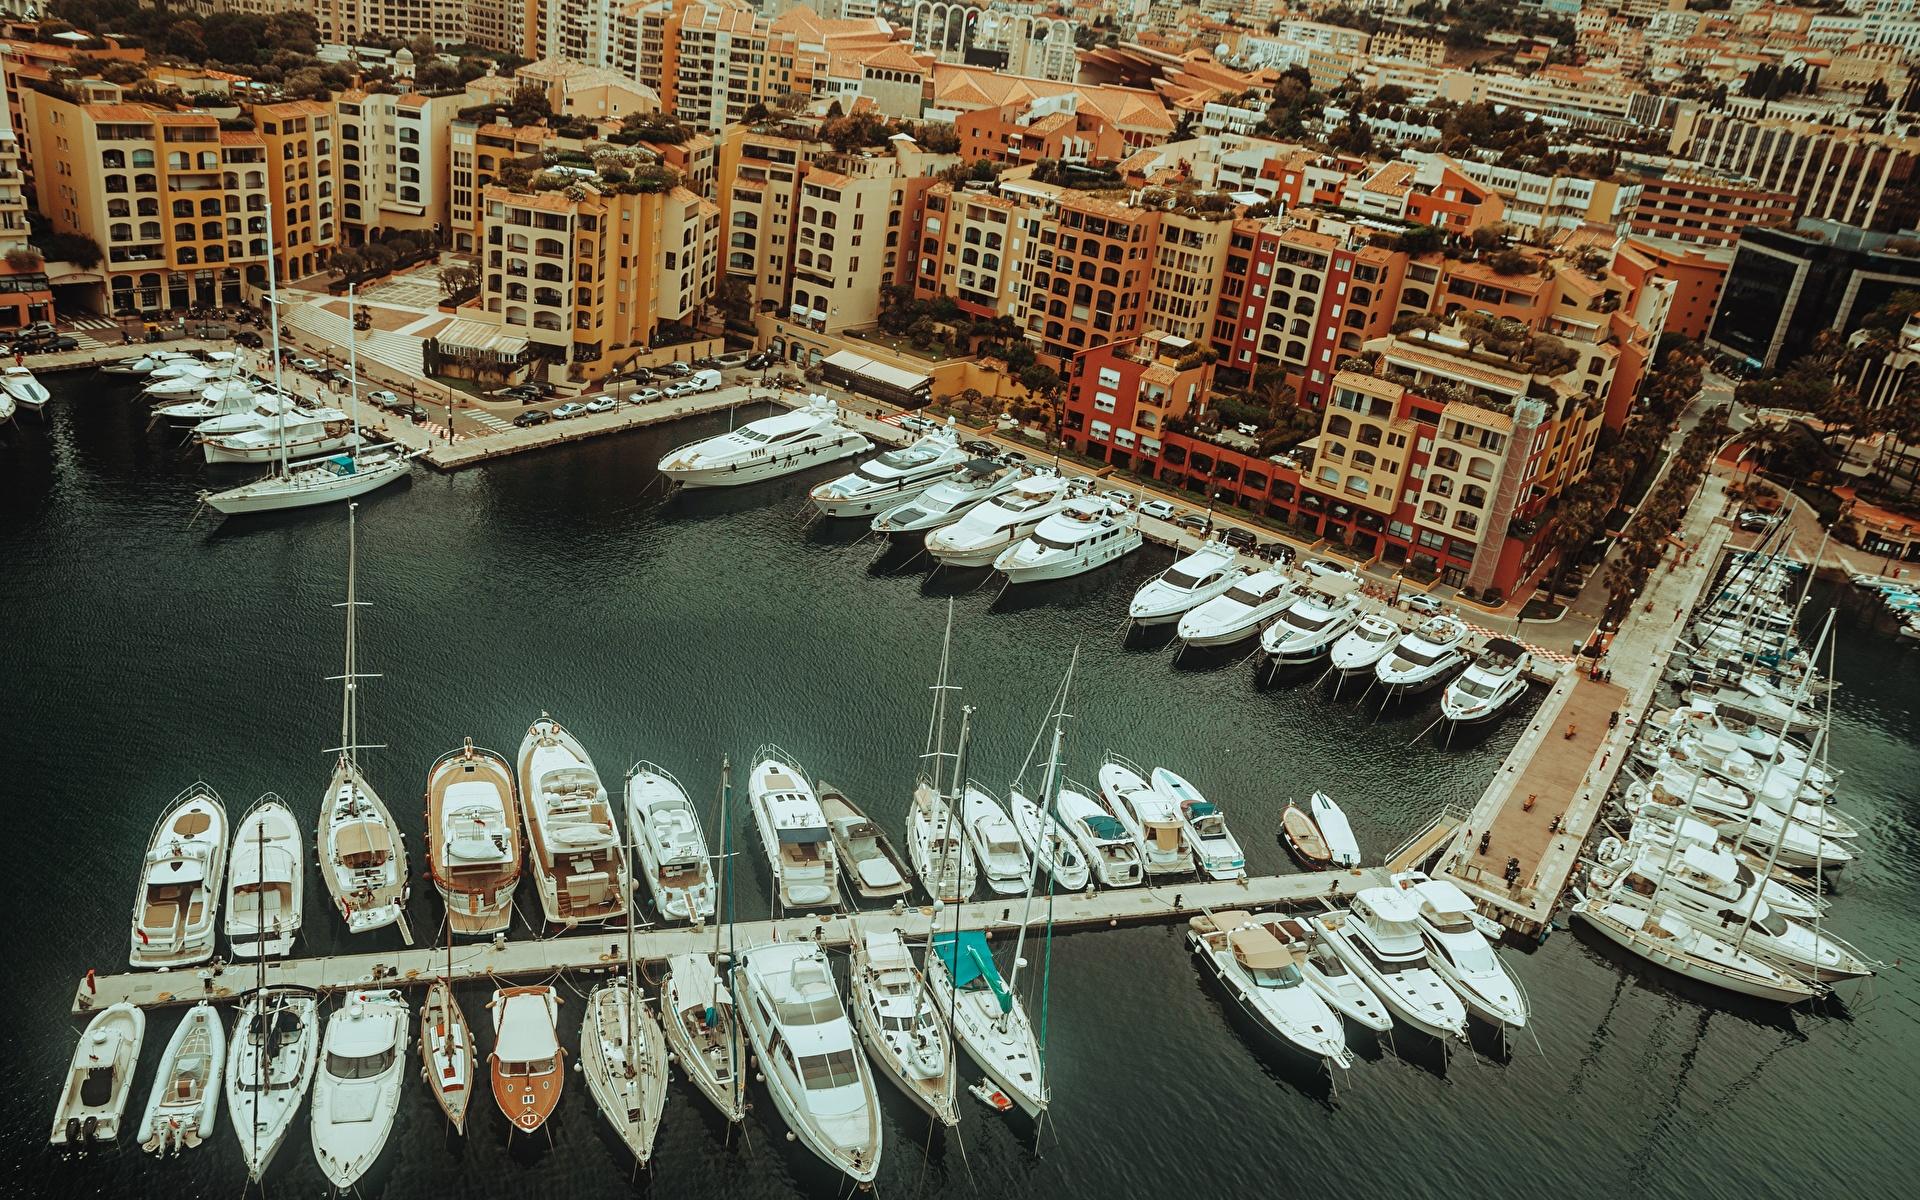 Фото Монте-Карло Монако Яхта Сверху Причалы Города 1920x1200 Пирсы Пристань город